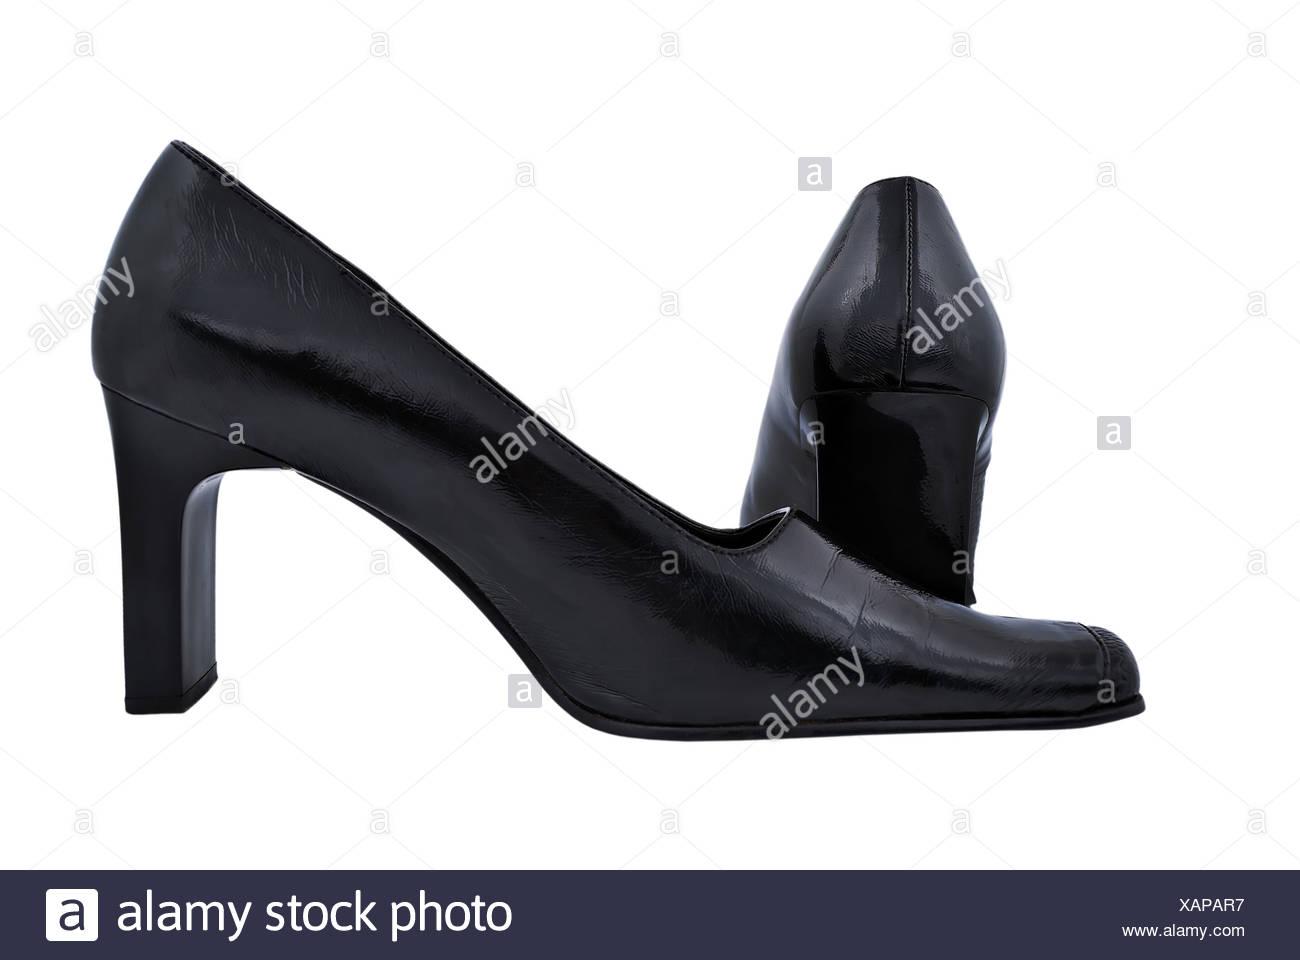 32b904c00128 schwarze Damenschuhe Stockfoto, Bild  282003883 - Alamy